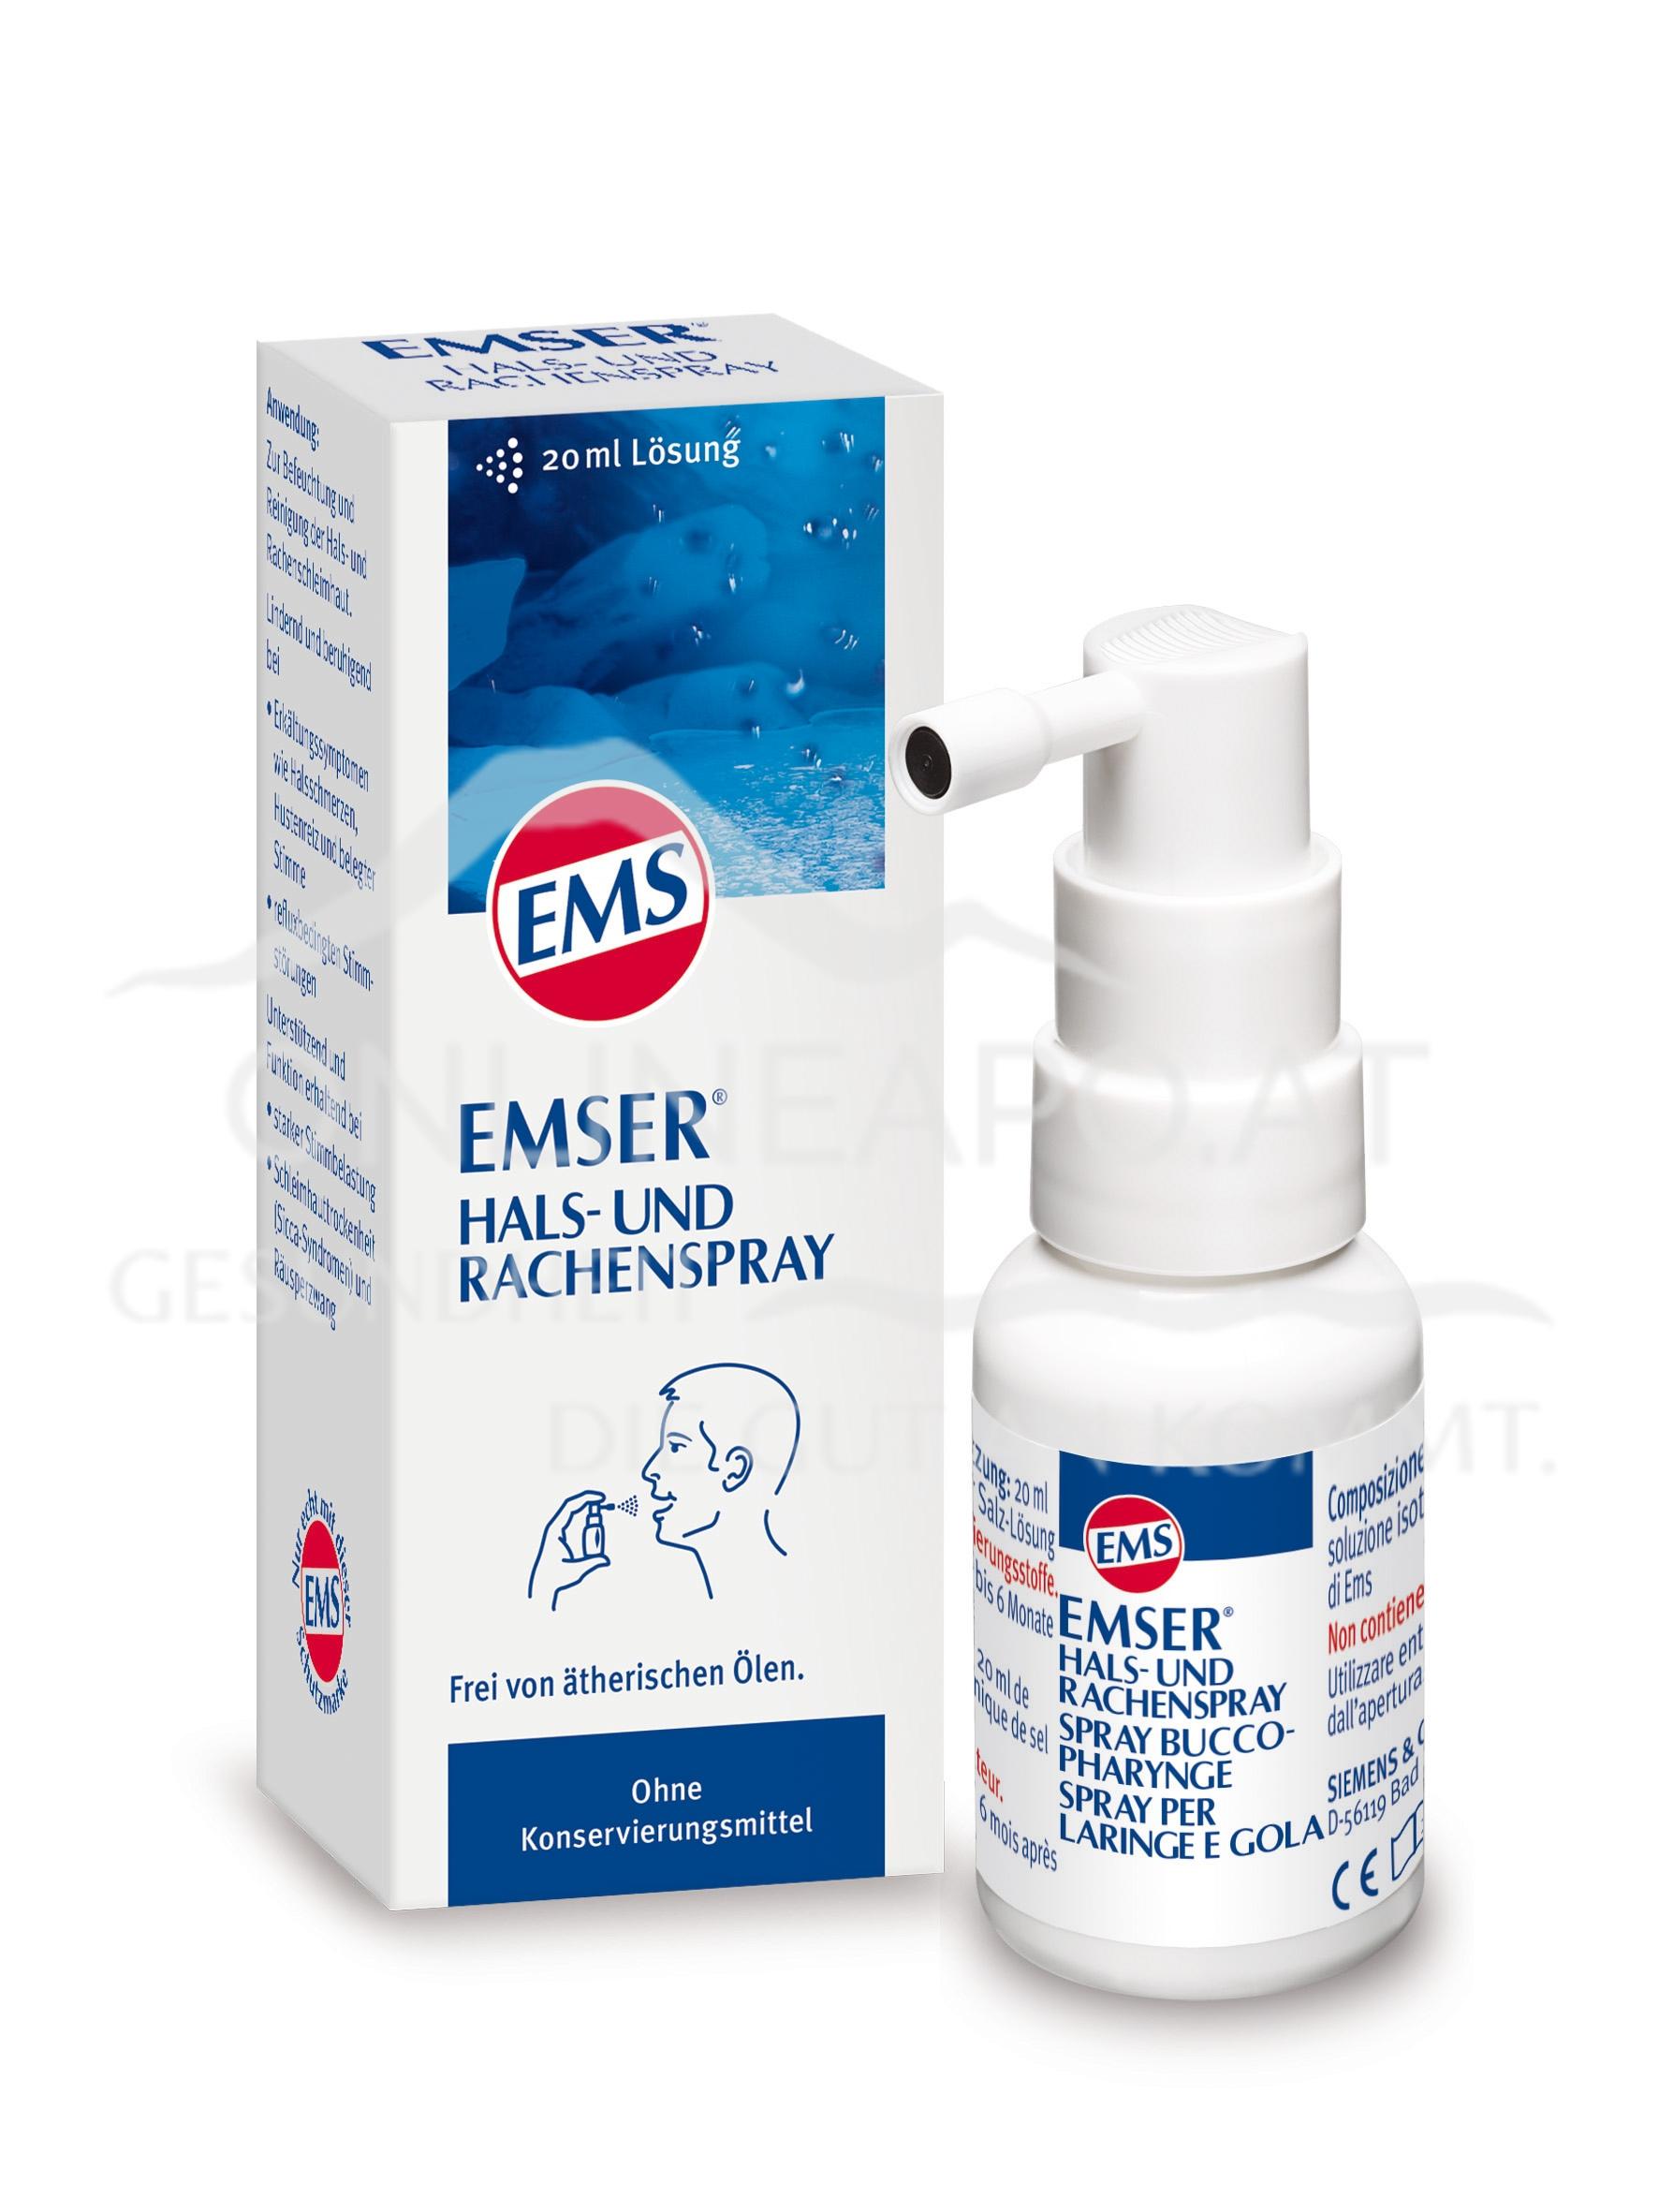 Emser® Hals- und Rachenspray